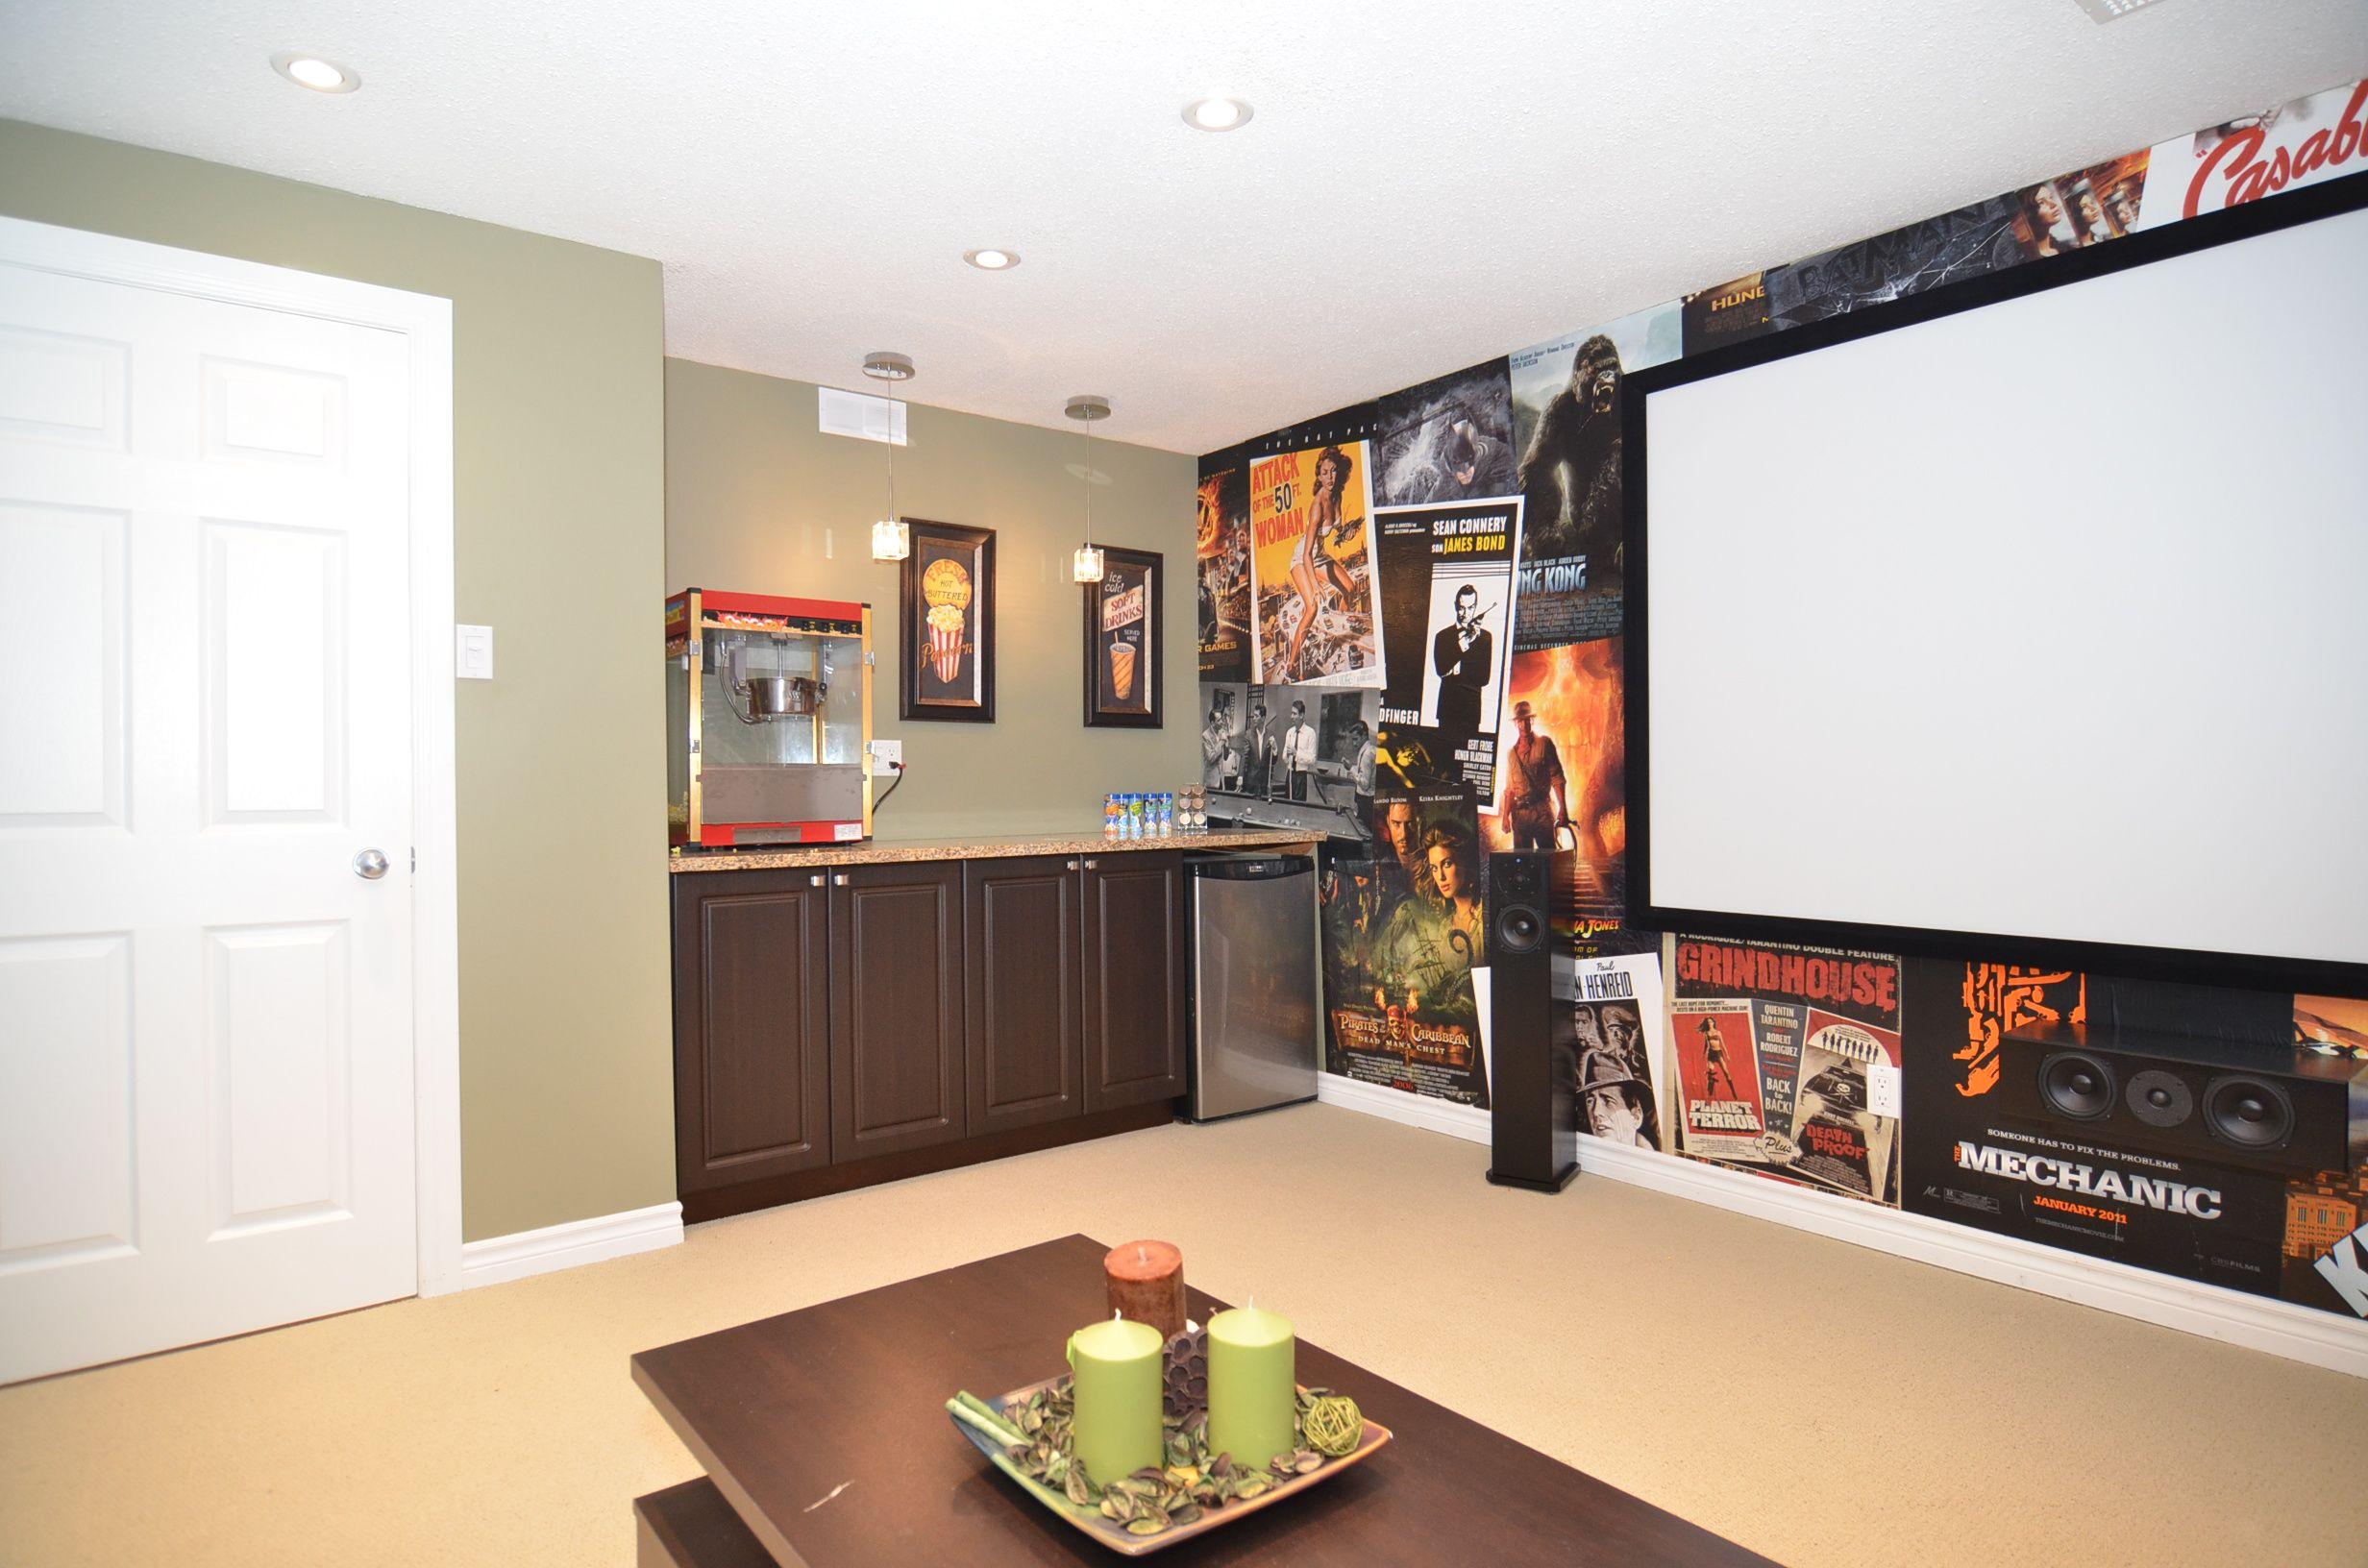 et salon classic amnagement on home best theater rooms images pinterest decoration avec about decor great cinema keyword